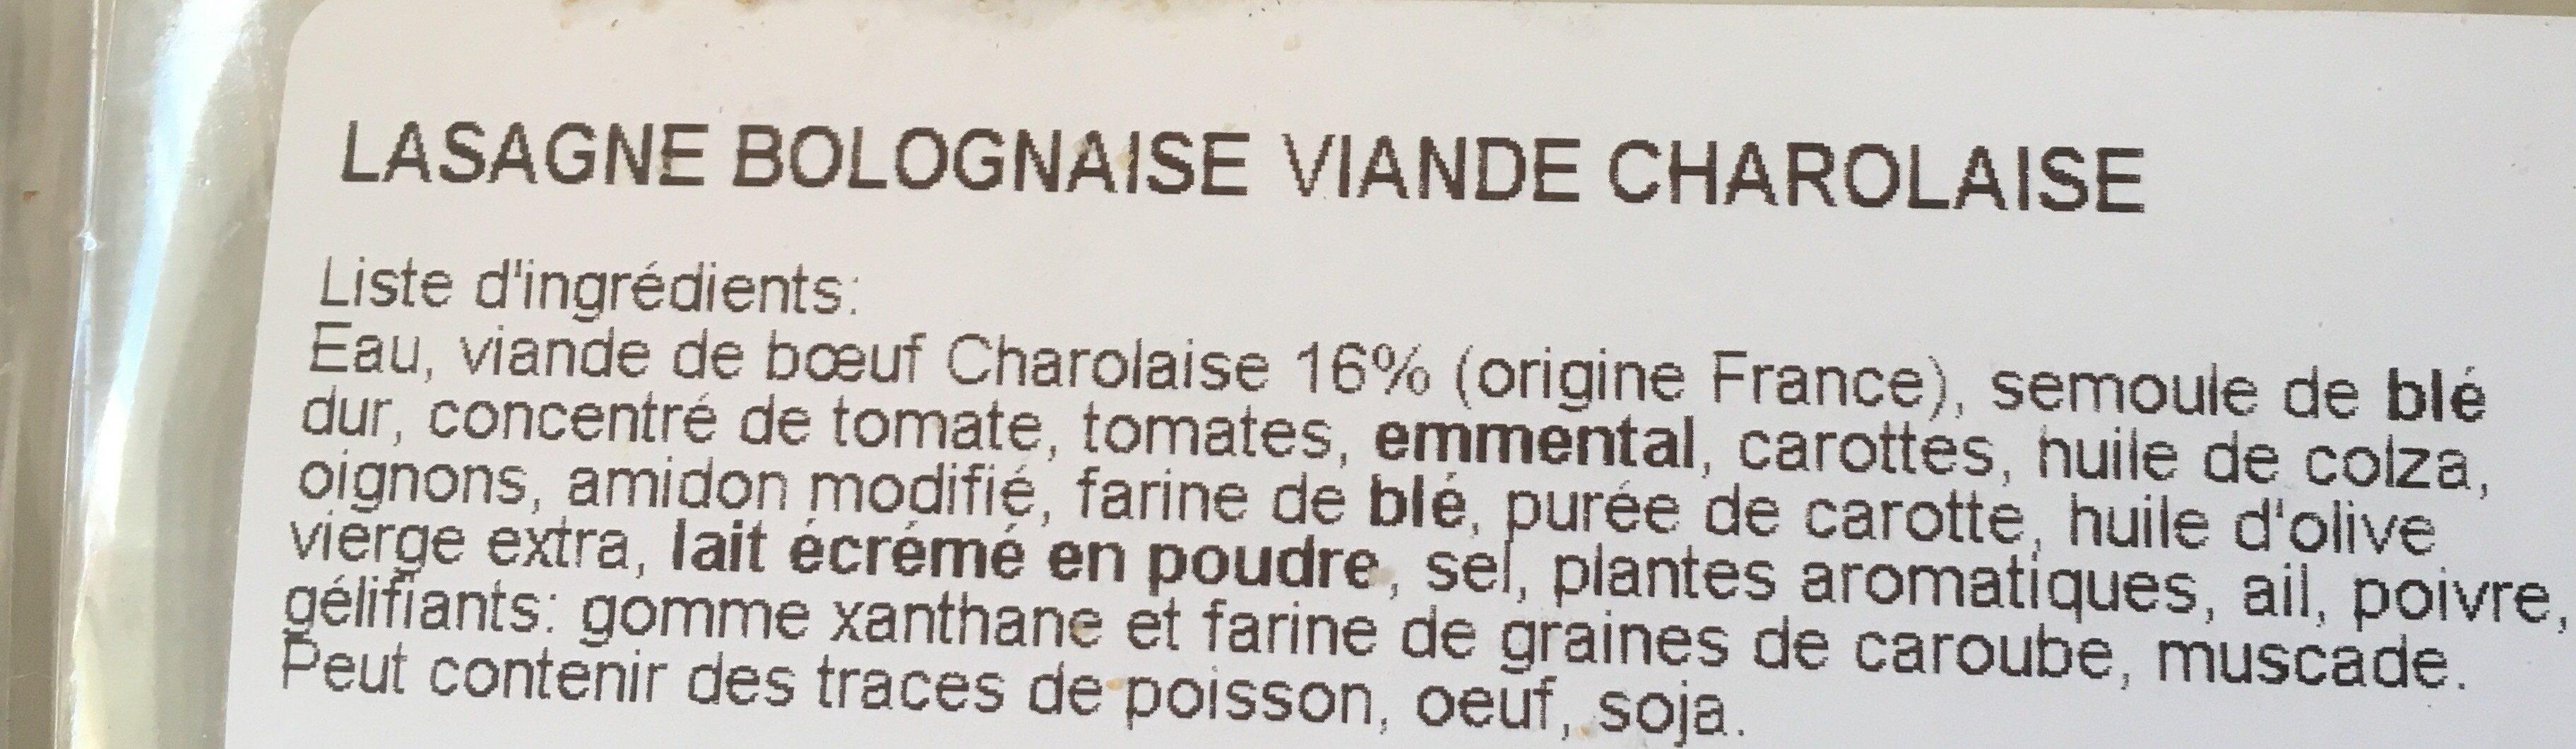 Lasagne Bolognaise au Bœuf - Ingredients - fr